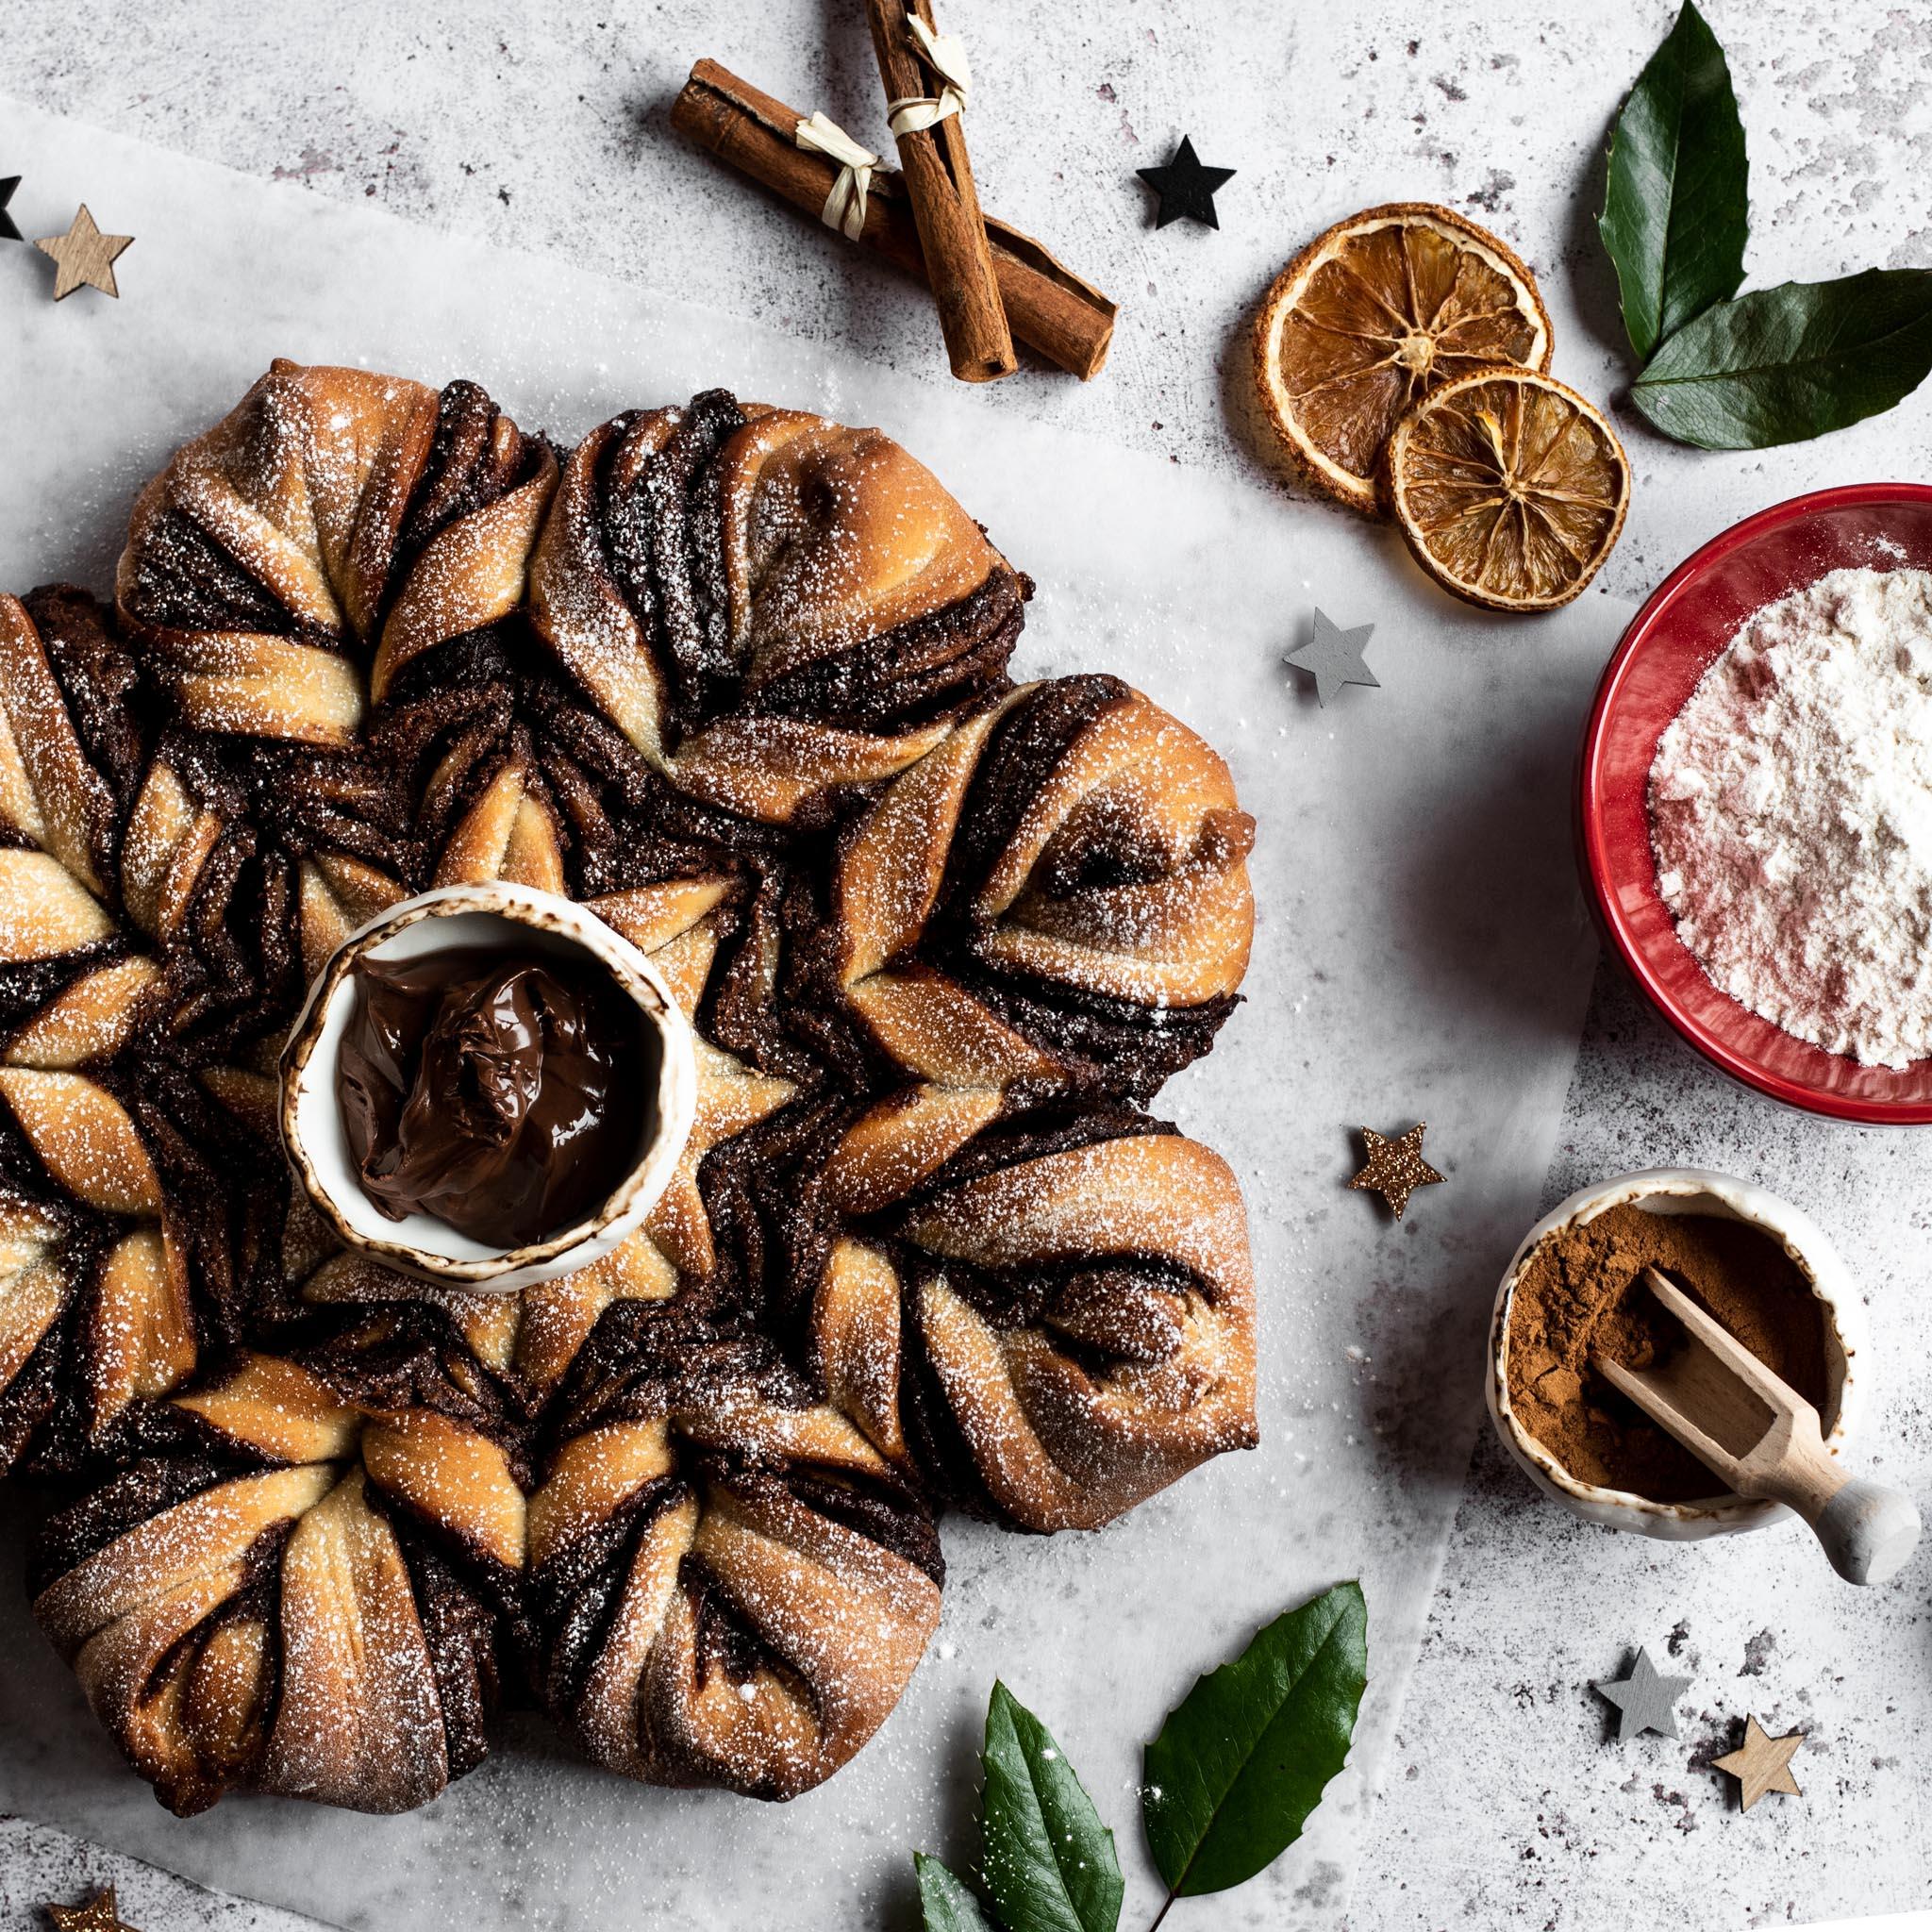 Cinnamon-Spiced-Tear-and-Share-Bread-(2).jpg